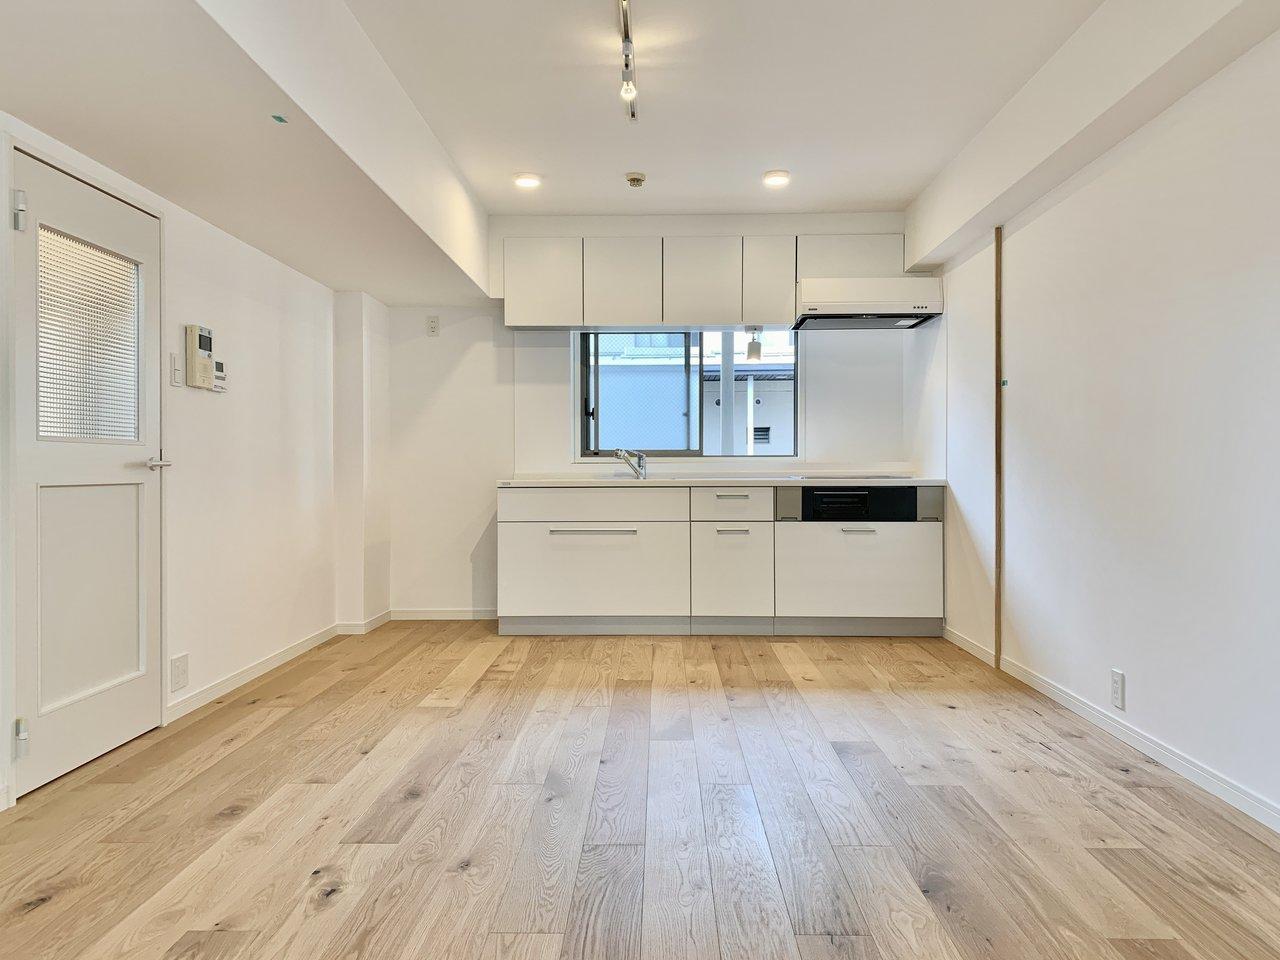 メゾネットタイプのリビングは約12帖になります。壁付けキッチンから縦に長い空間は、真ん中にラックを置けば、ゆるく食事スペースと団欒の場を分けることも可能です。